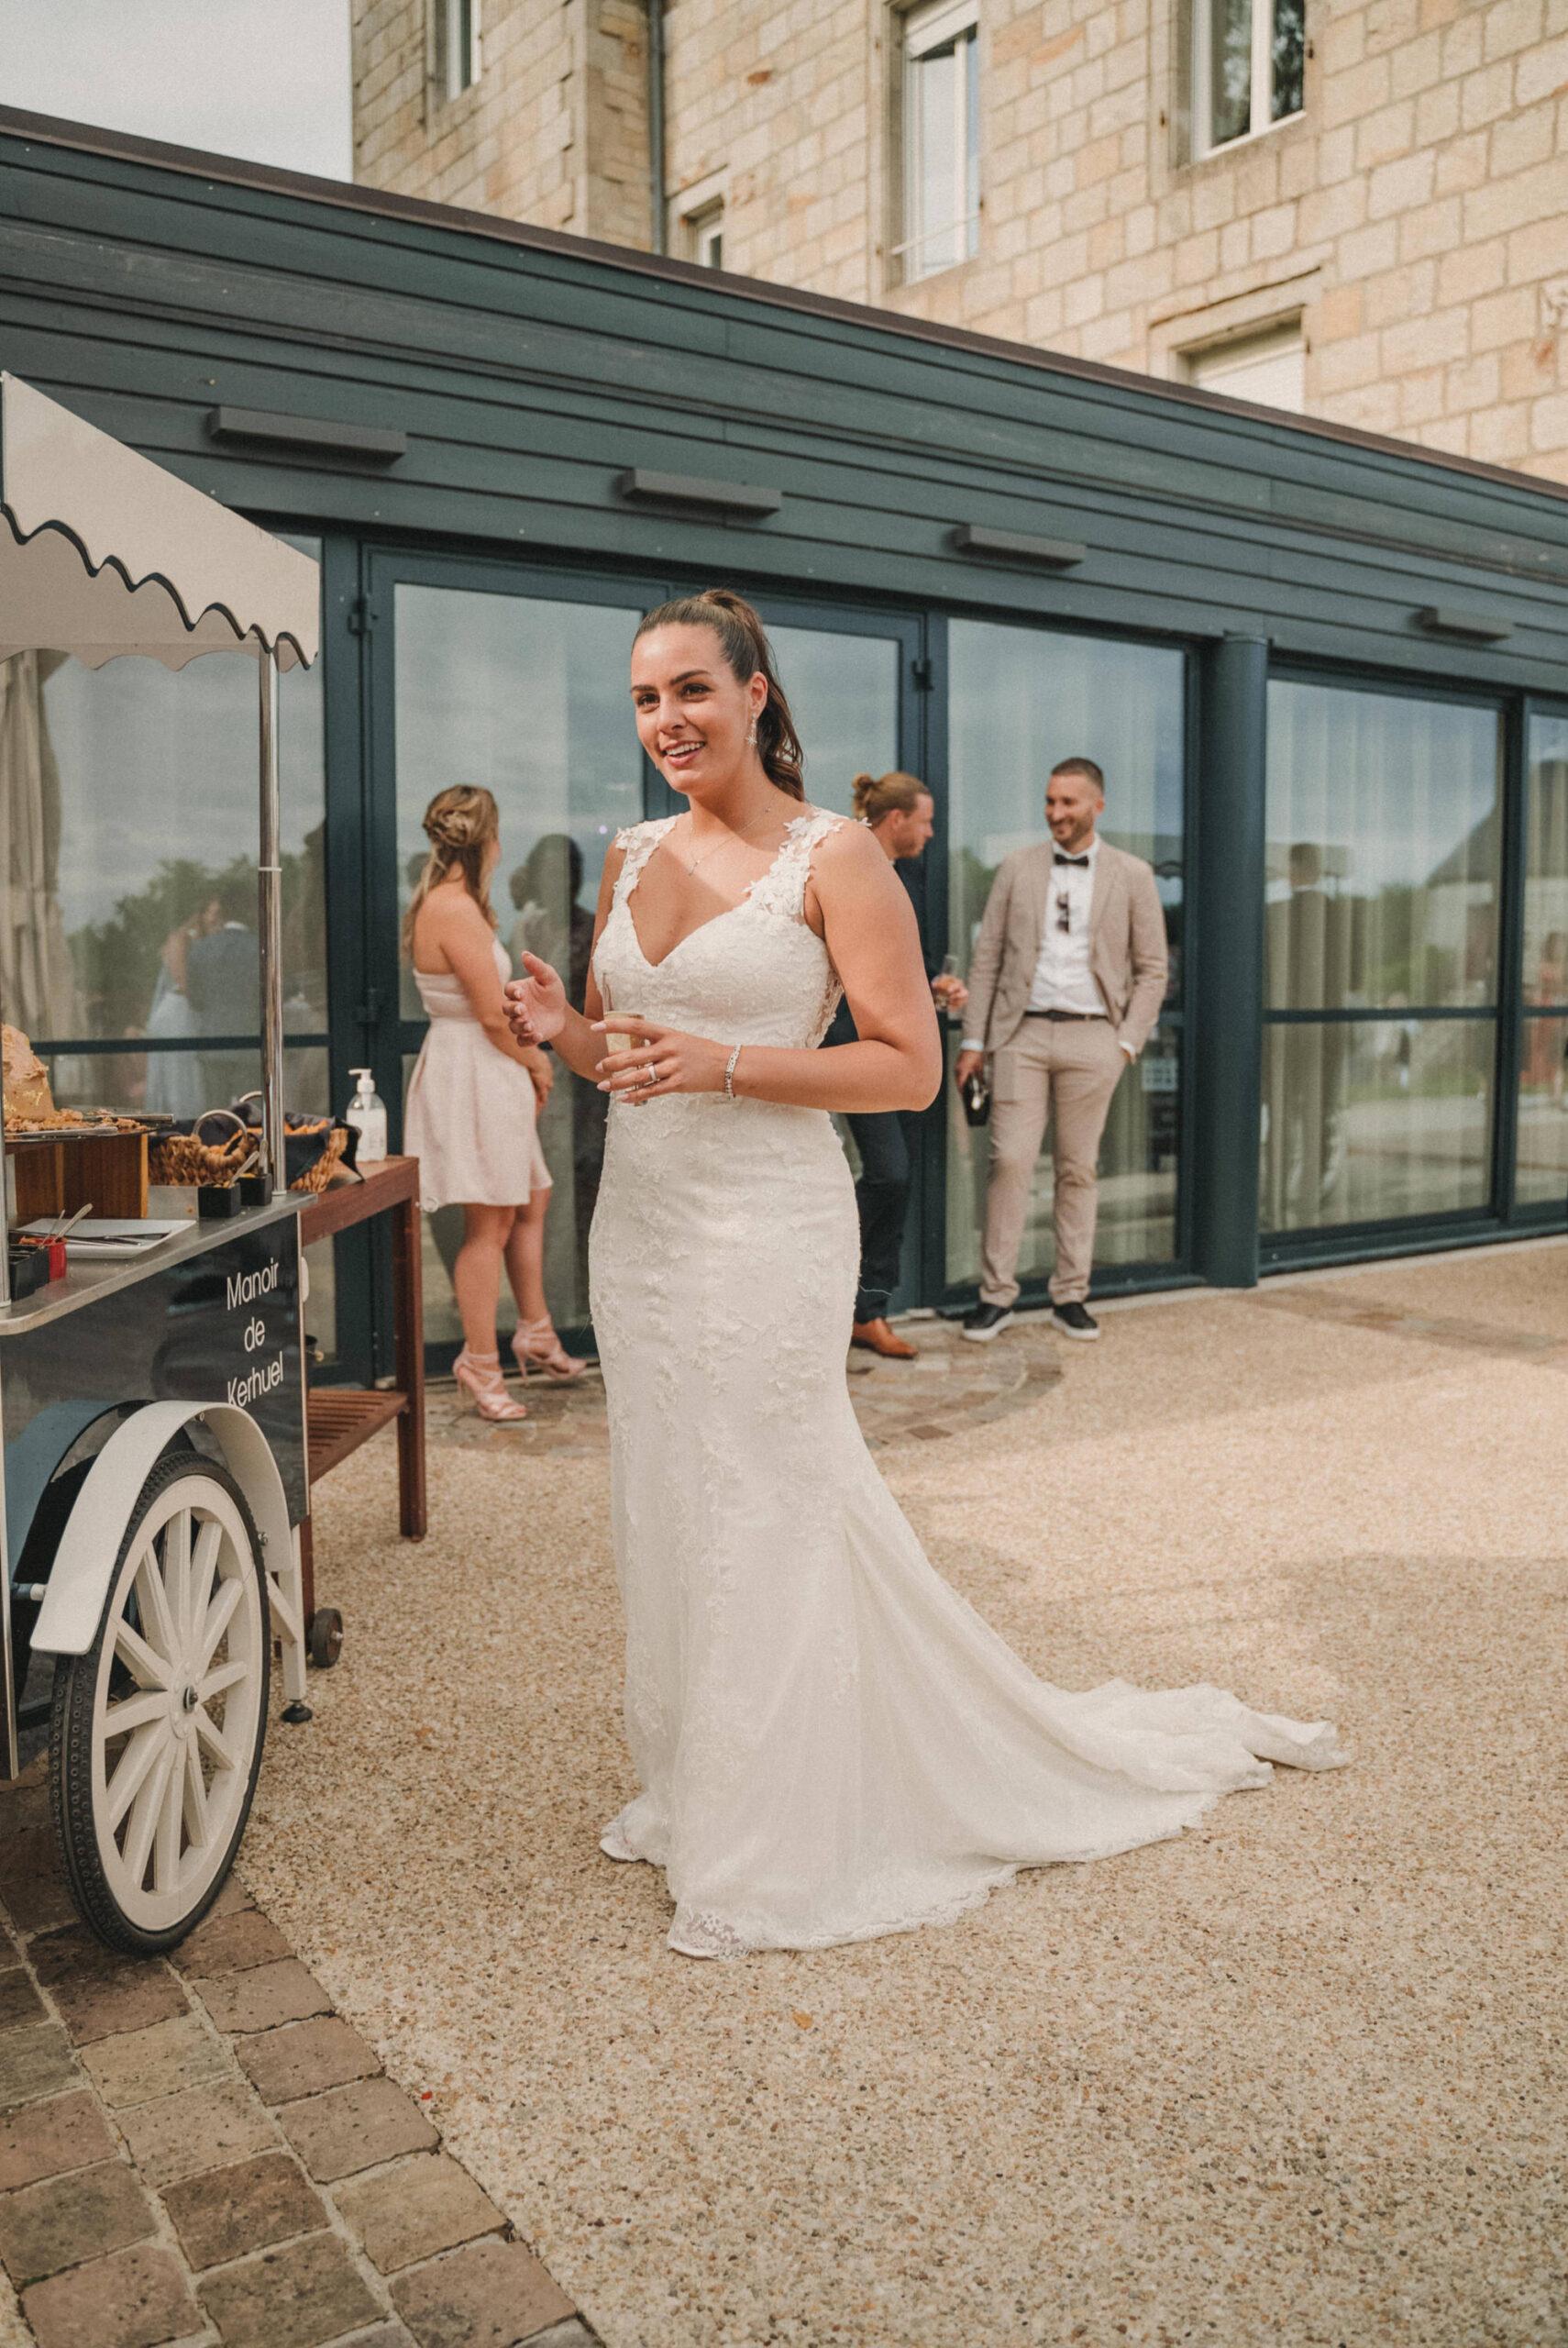 Photo De Mariage Au Manoir De Kerhuel A Plouneour Lanvern De Perle Danilson Par Antoine Borzeix 801 Scaled, Photographe & Videaste à Brest / Finistère